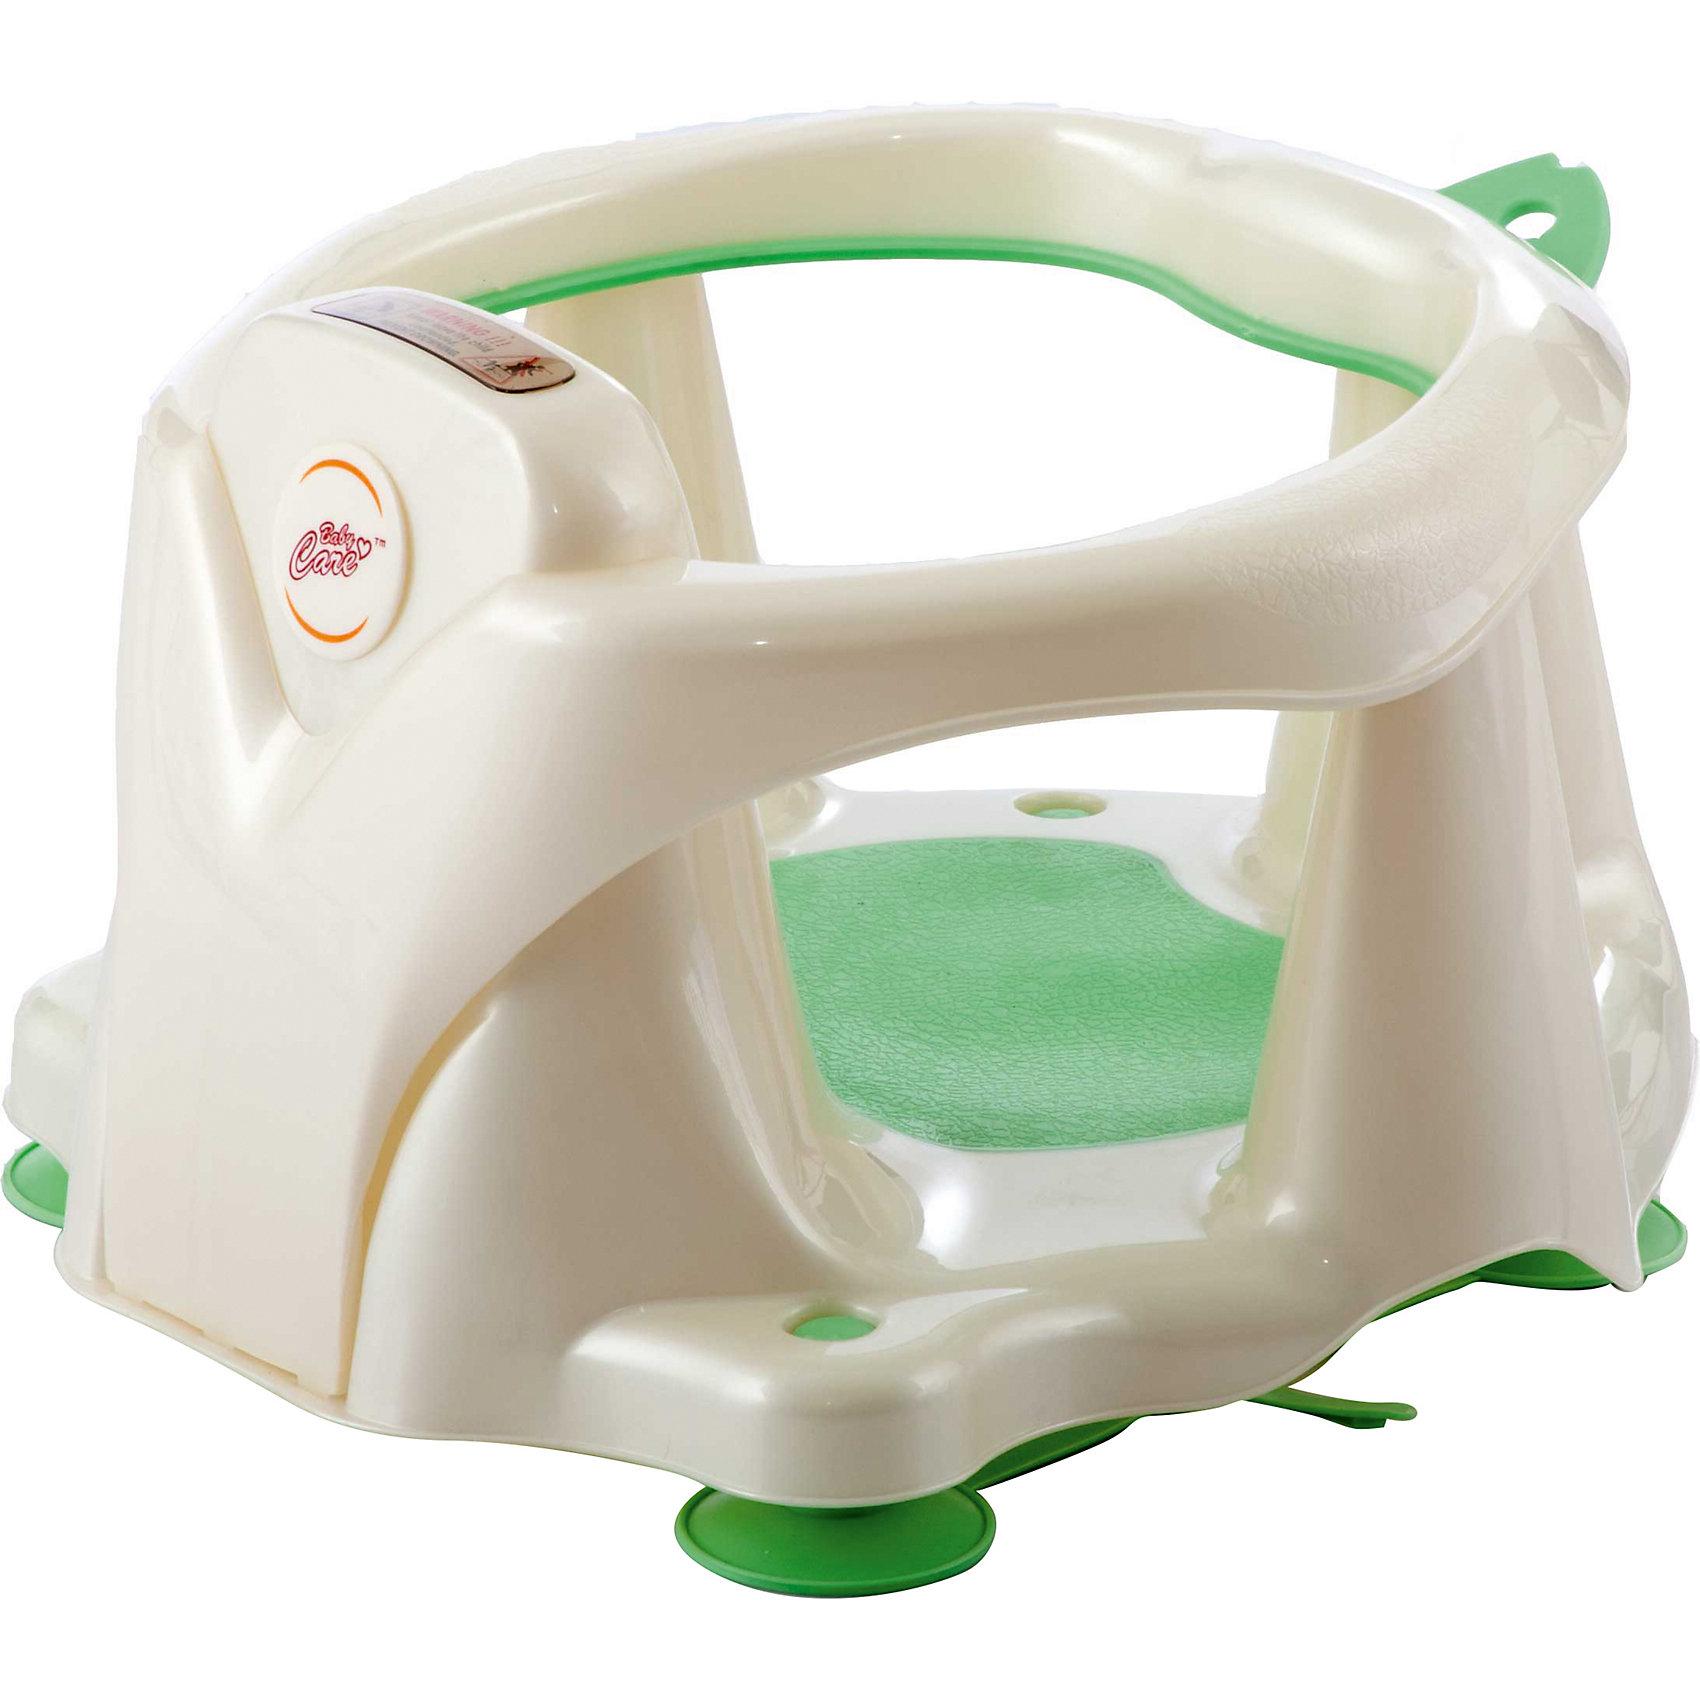 Стульчик-сиденье в ванну, Baby Care, зелёный